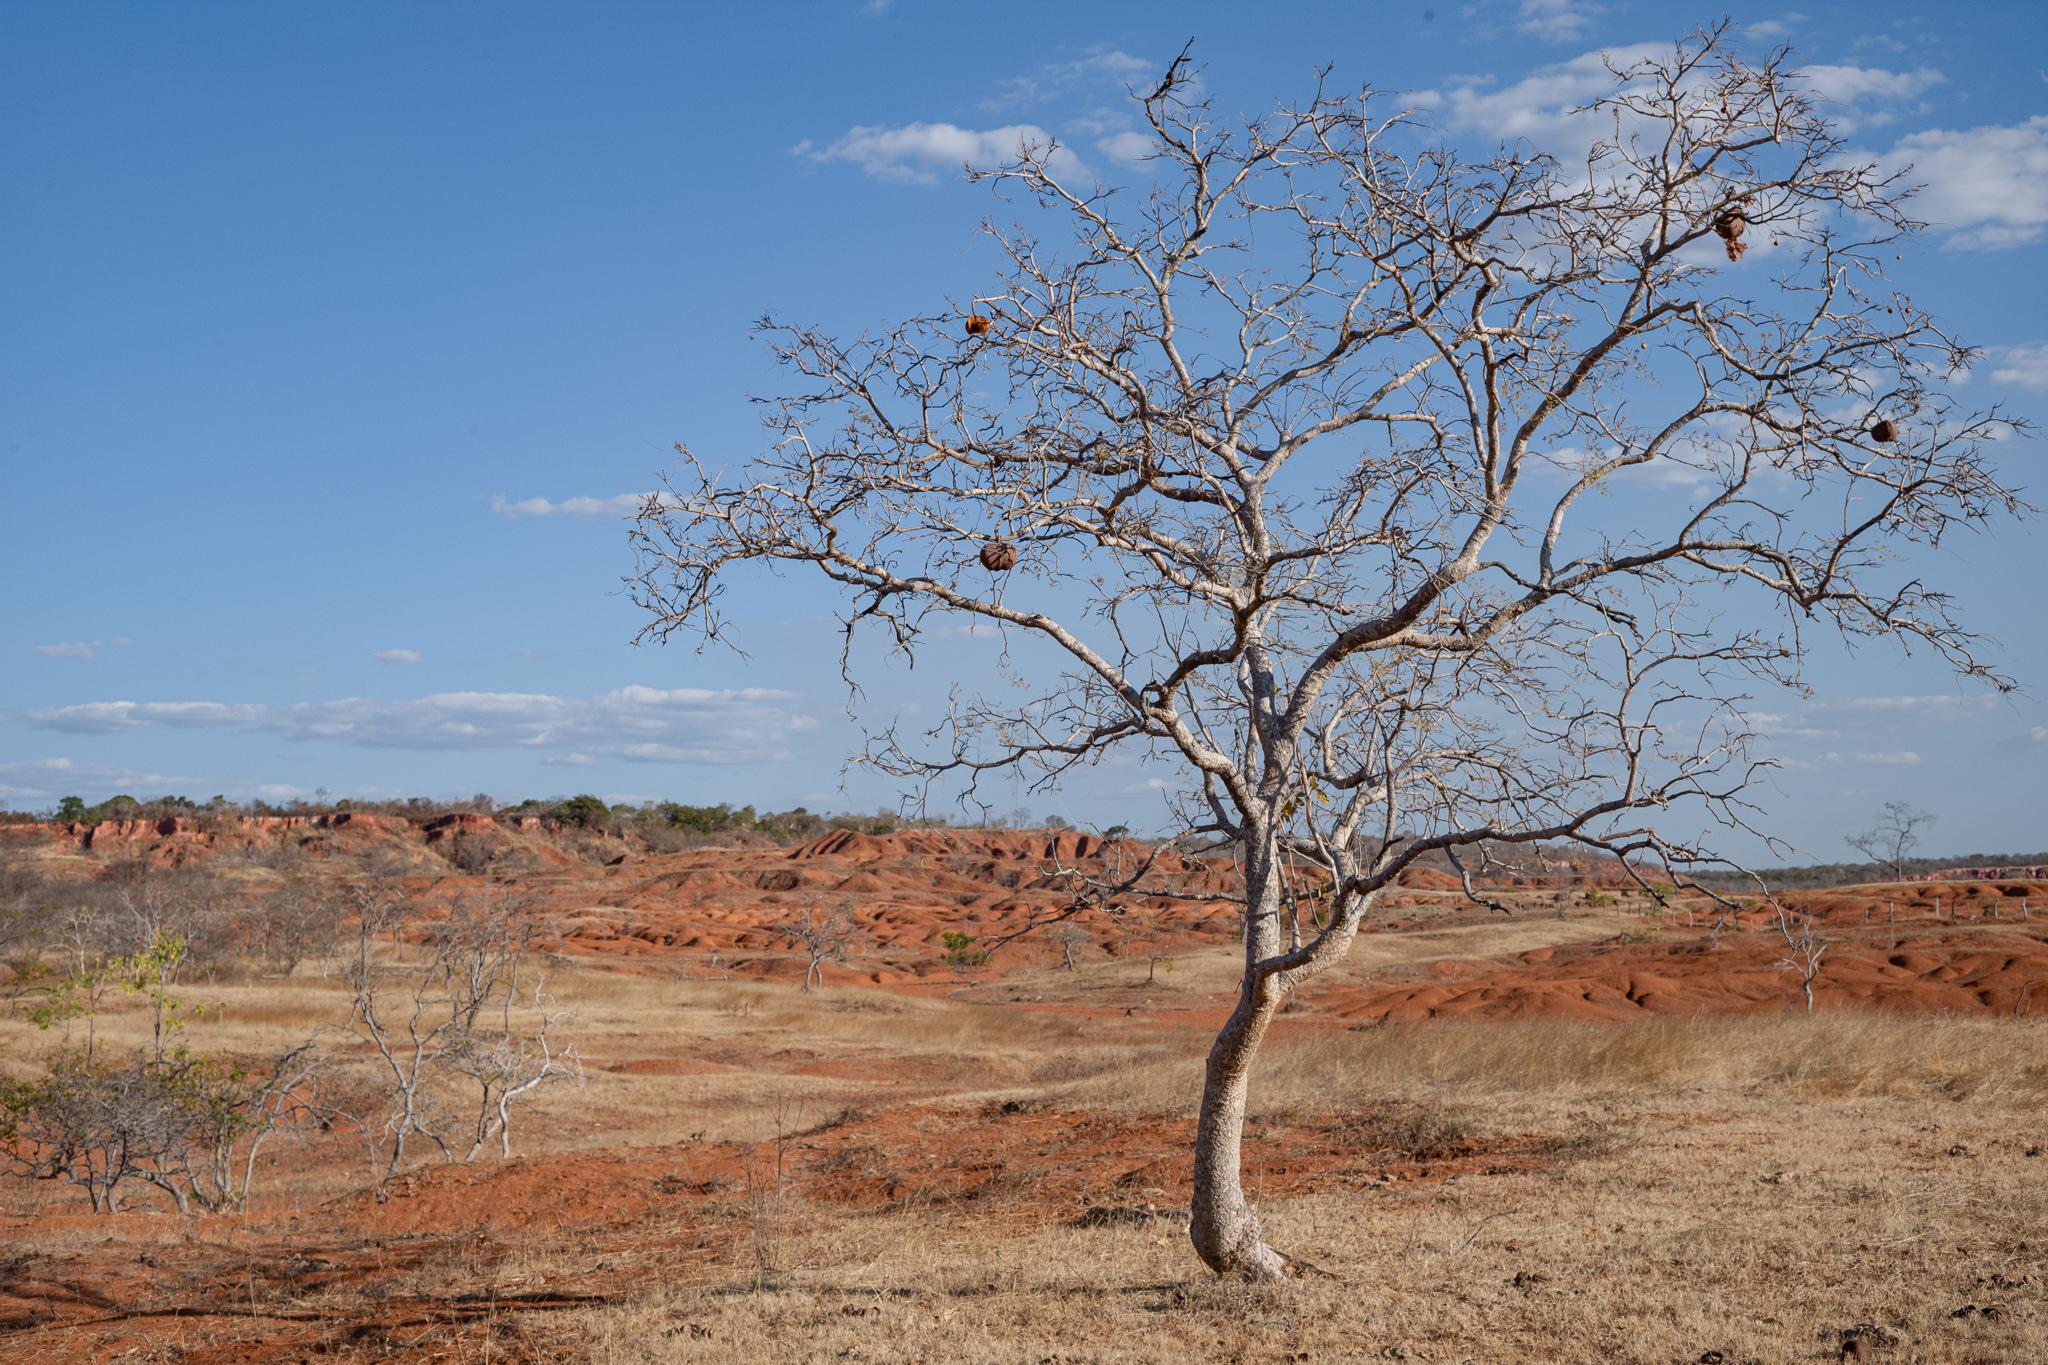 Procuram-se árvores: alguns moradores tentaram fazer um mutirão para plantio a fim de tentar regenerar Gilbués (Foto Márcio Pimenta)